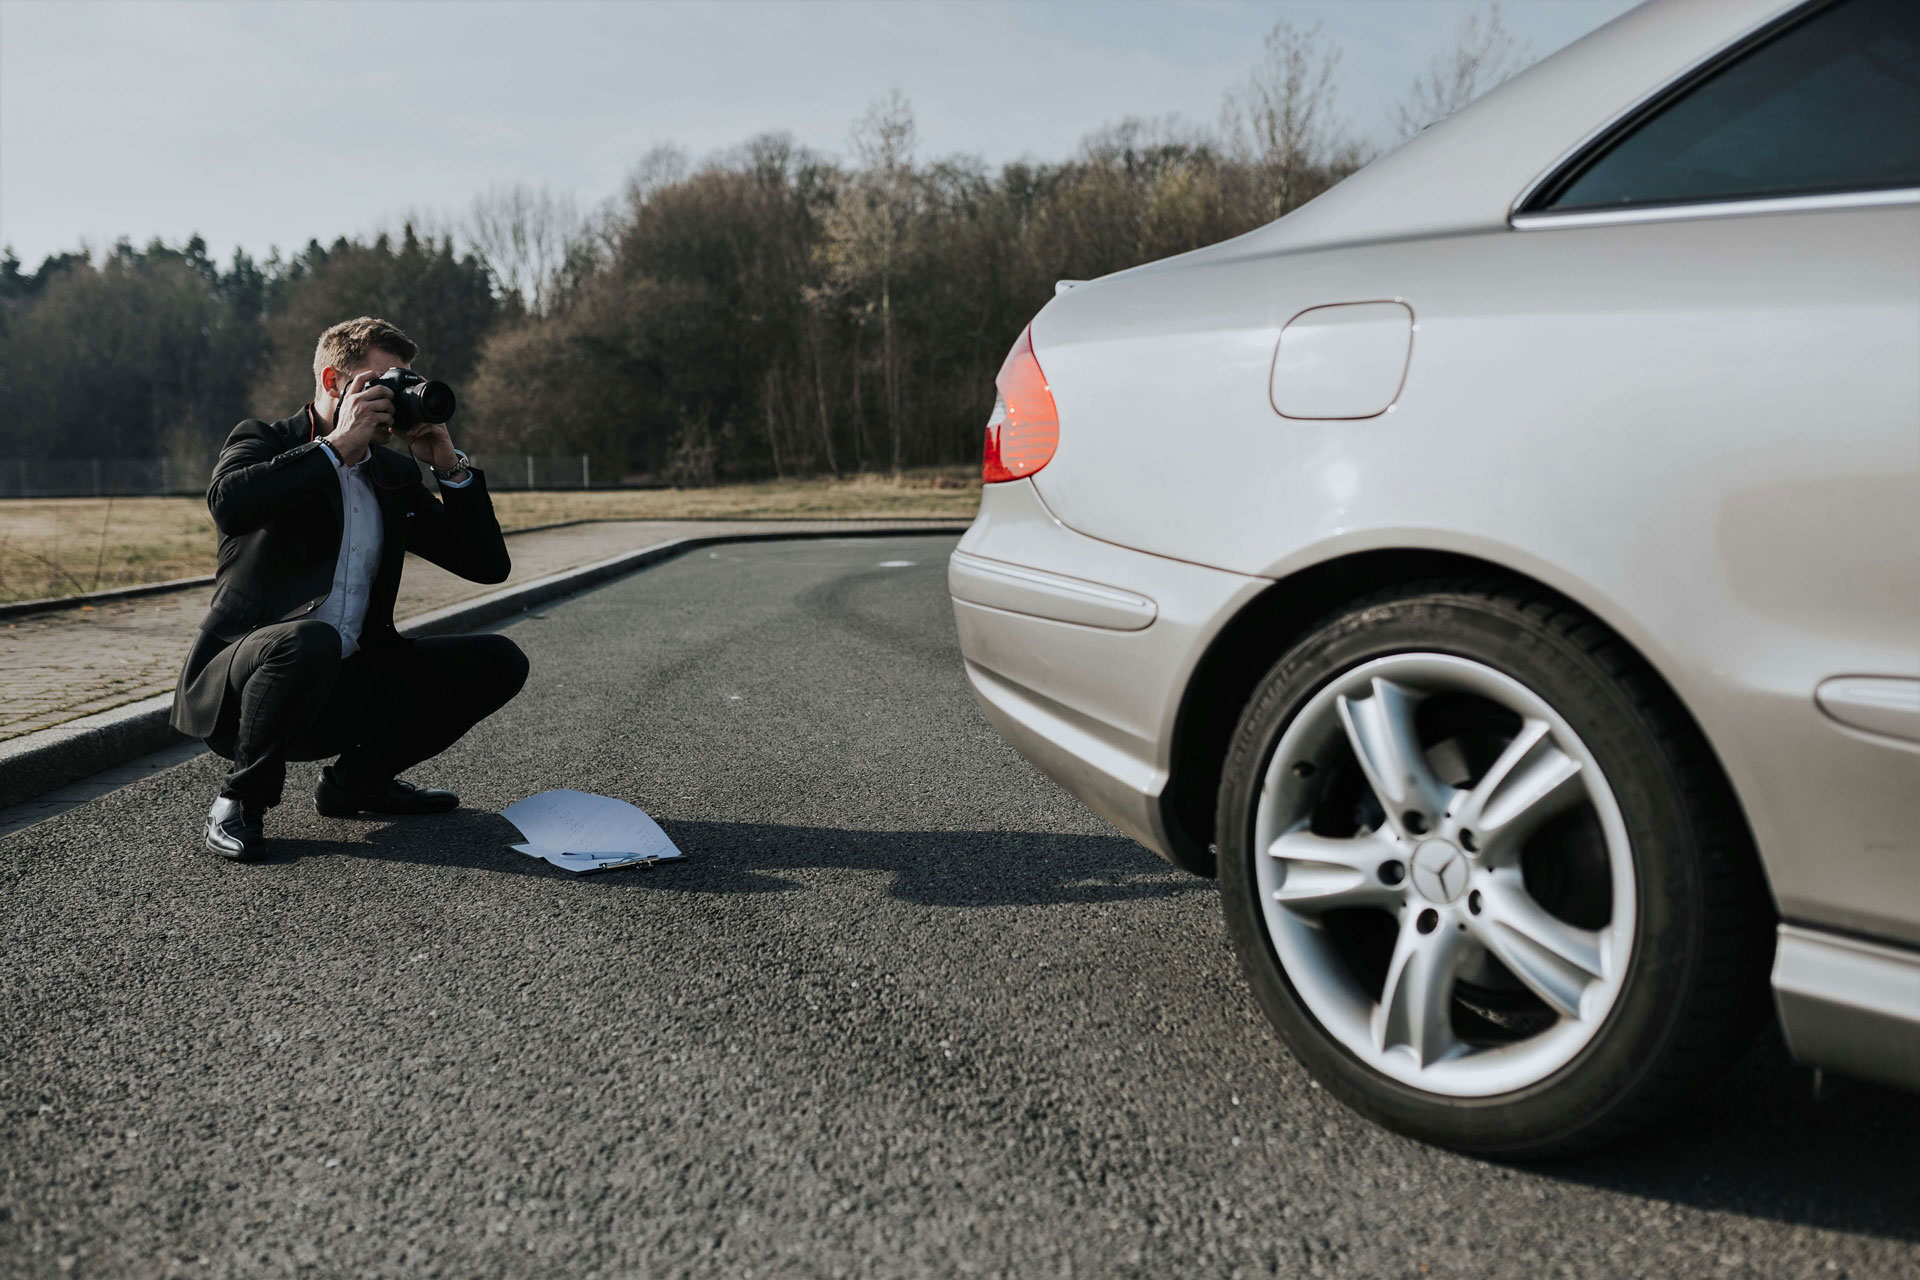 Schadensgutachten am Fahrzeug - Schadengutachten